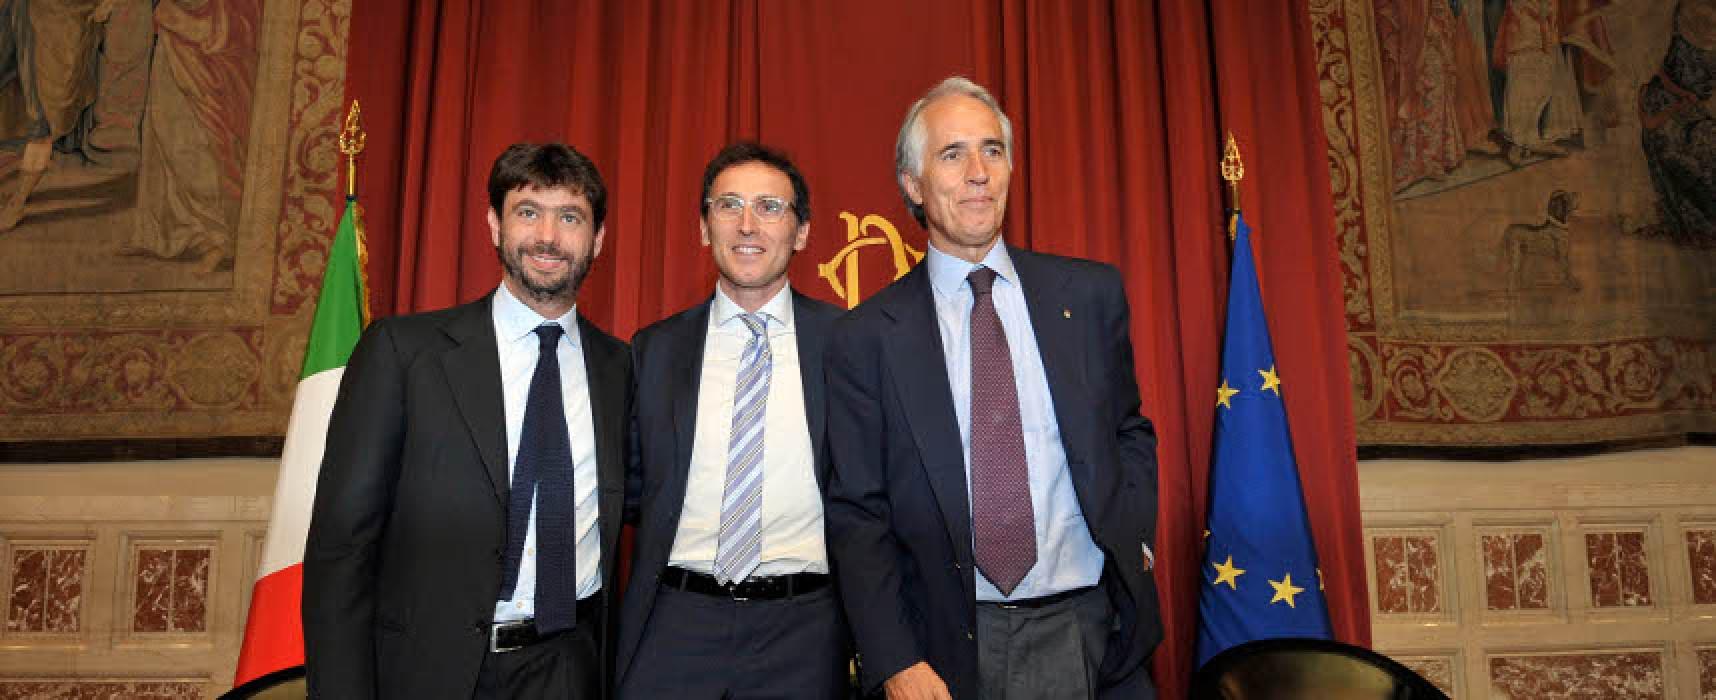 """Boccia al calcio italiano: """" I 17 anni per costruire il primo stadio privato dimostrano che in Italia bisogna cambiare le regole"""""""